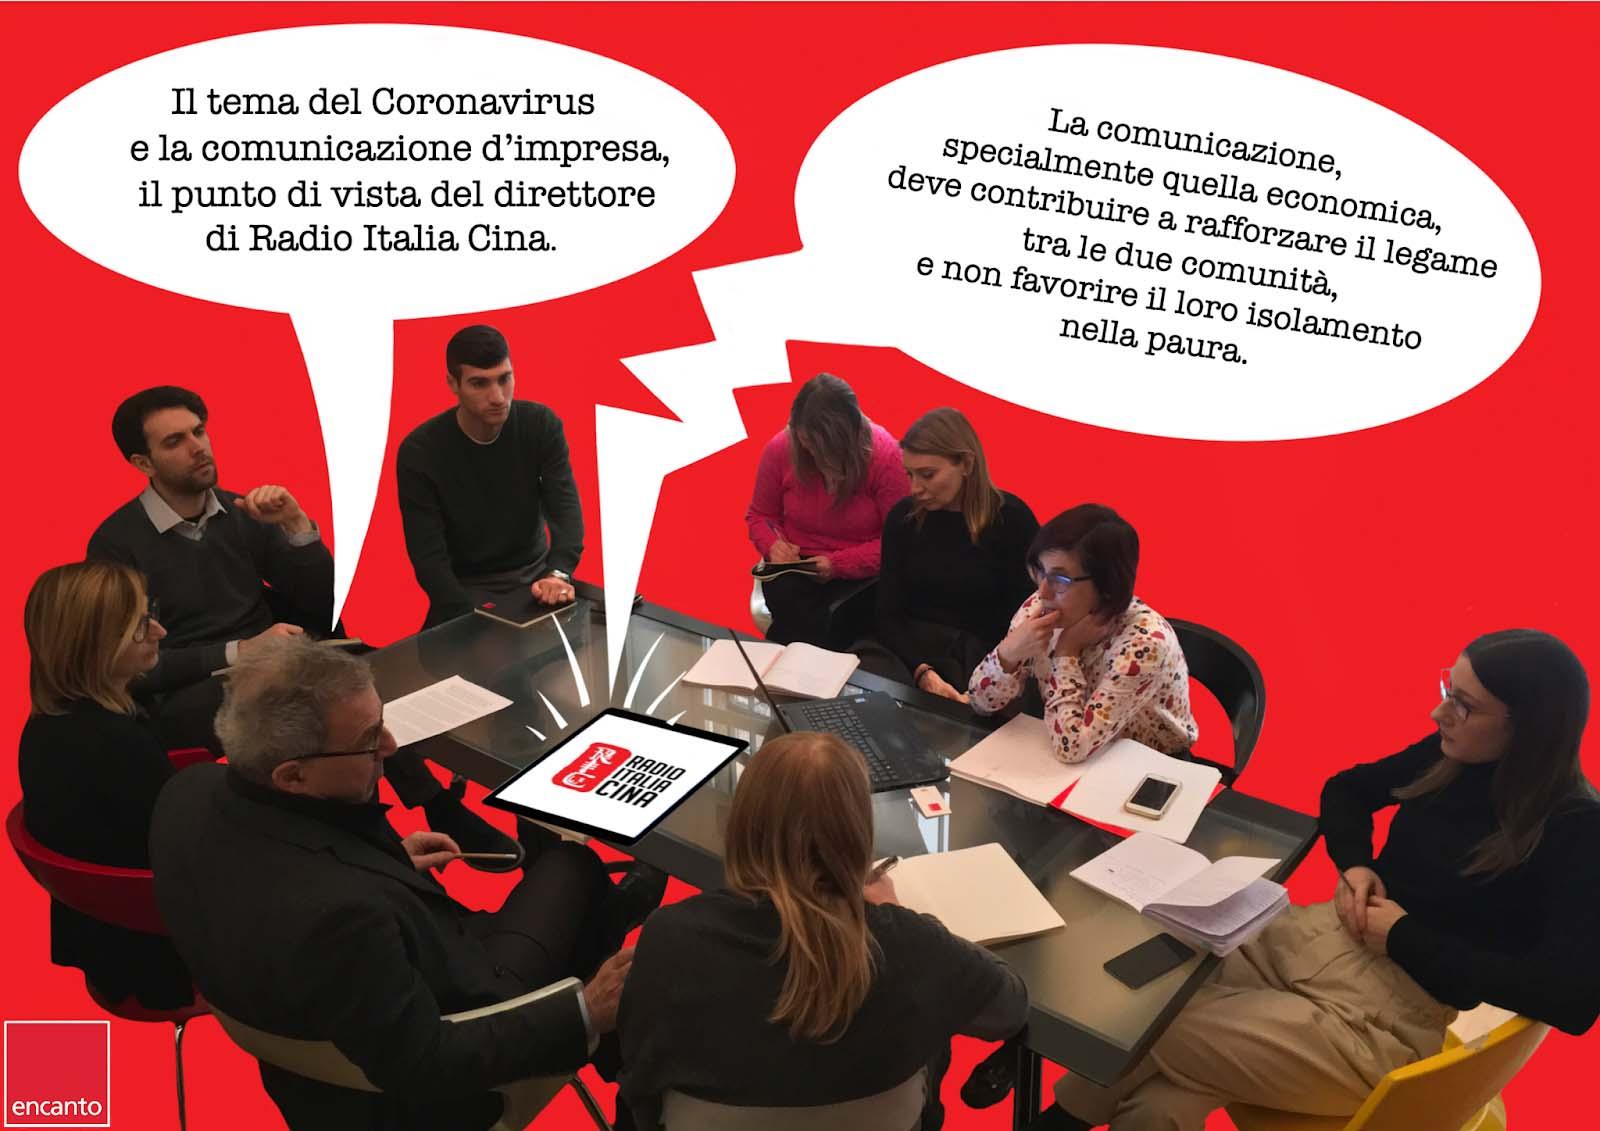 Radio Italia Cina: trasmettiamo la verità, non il virus (della paura)